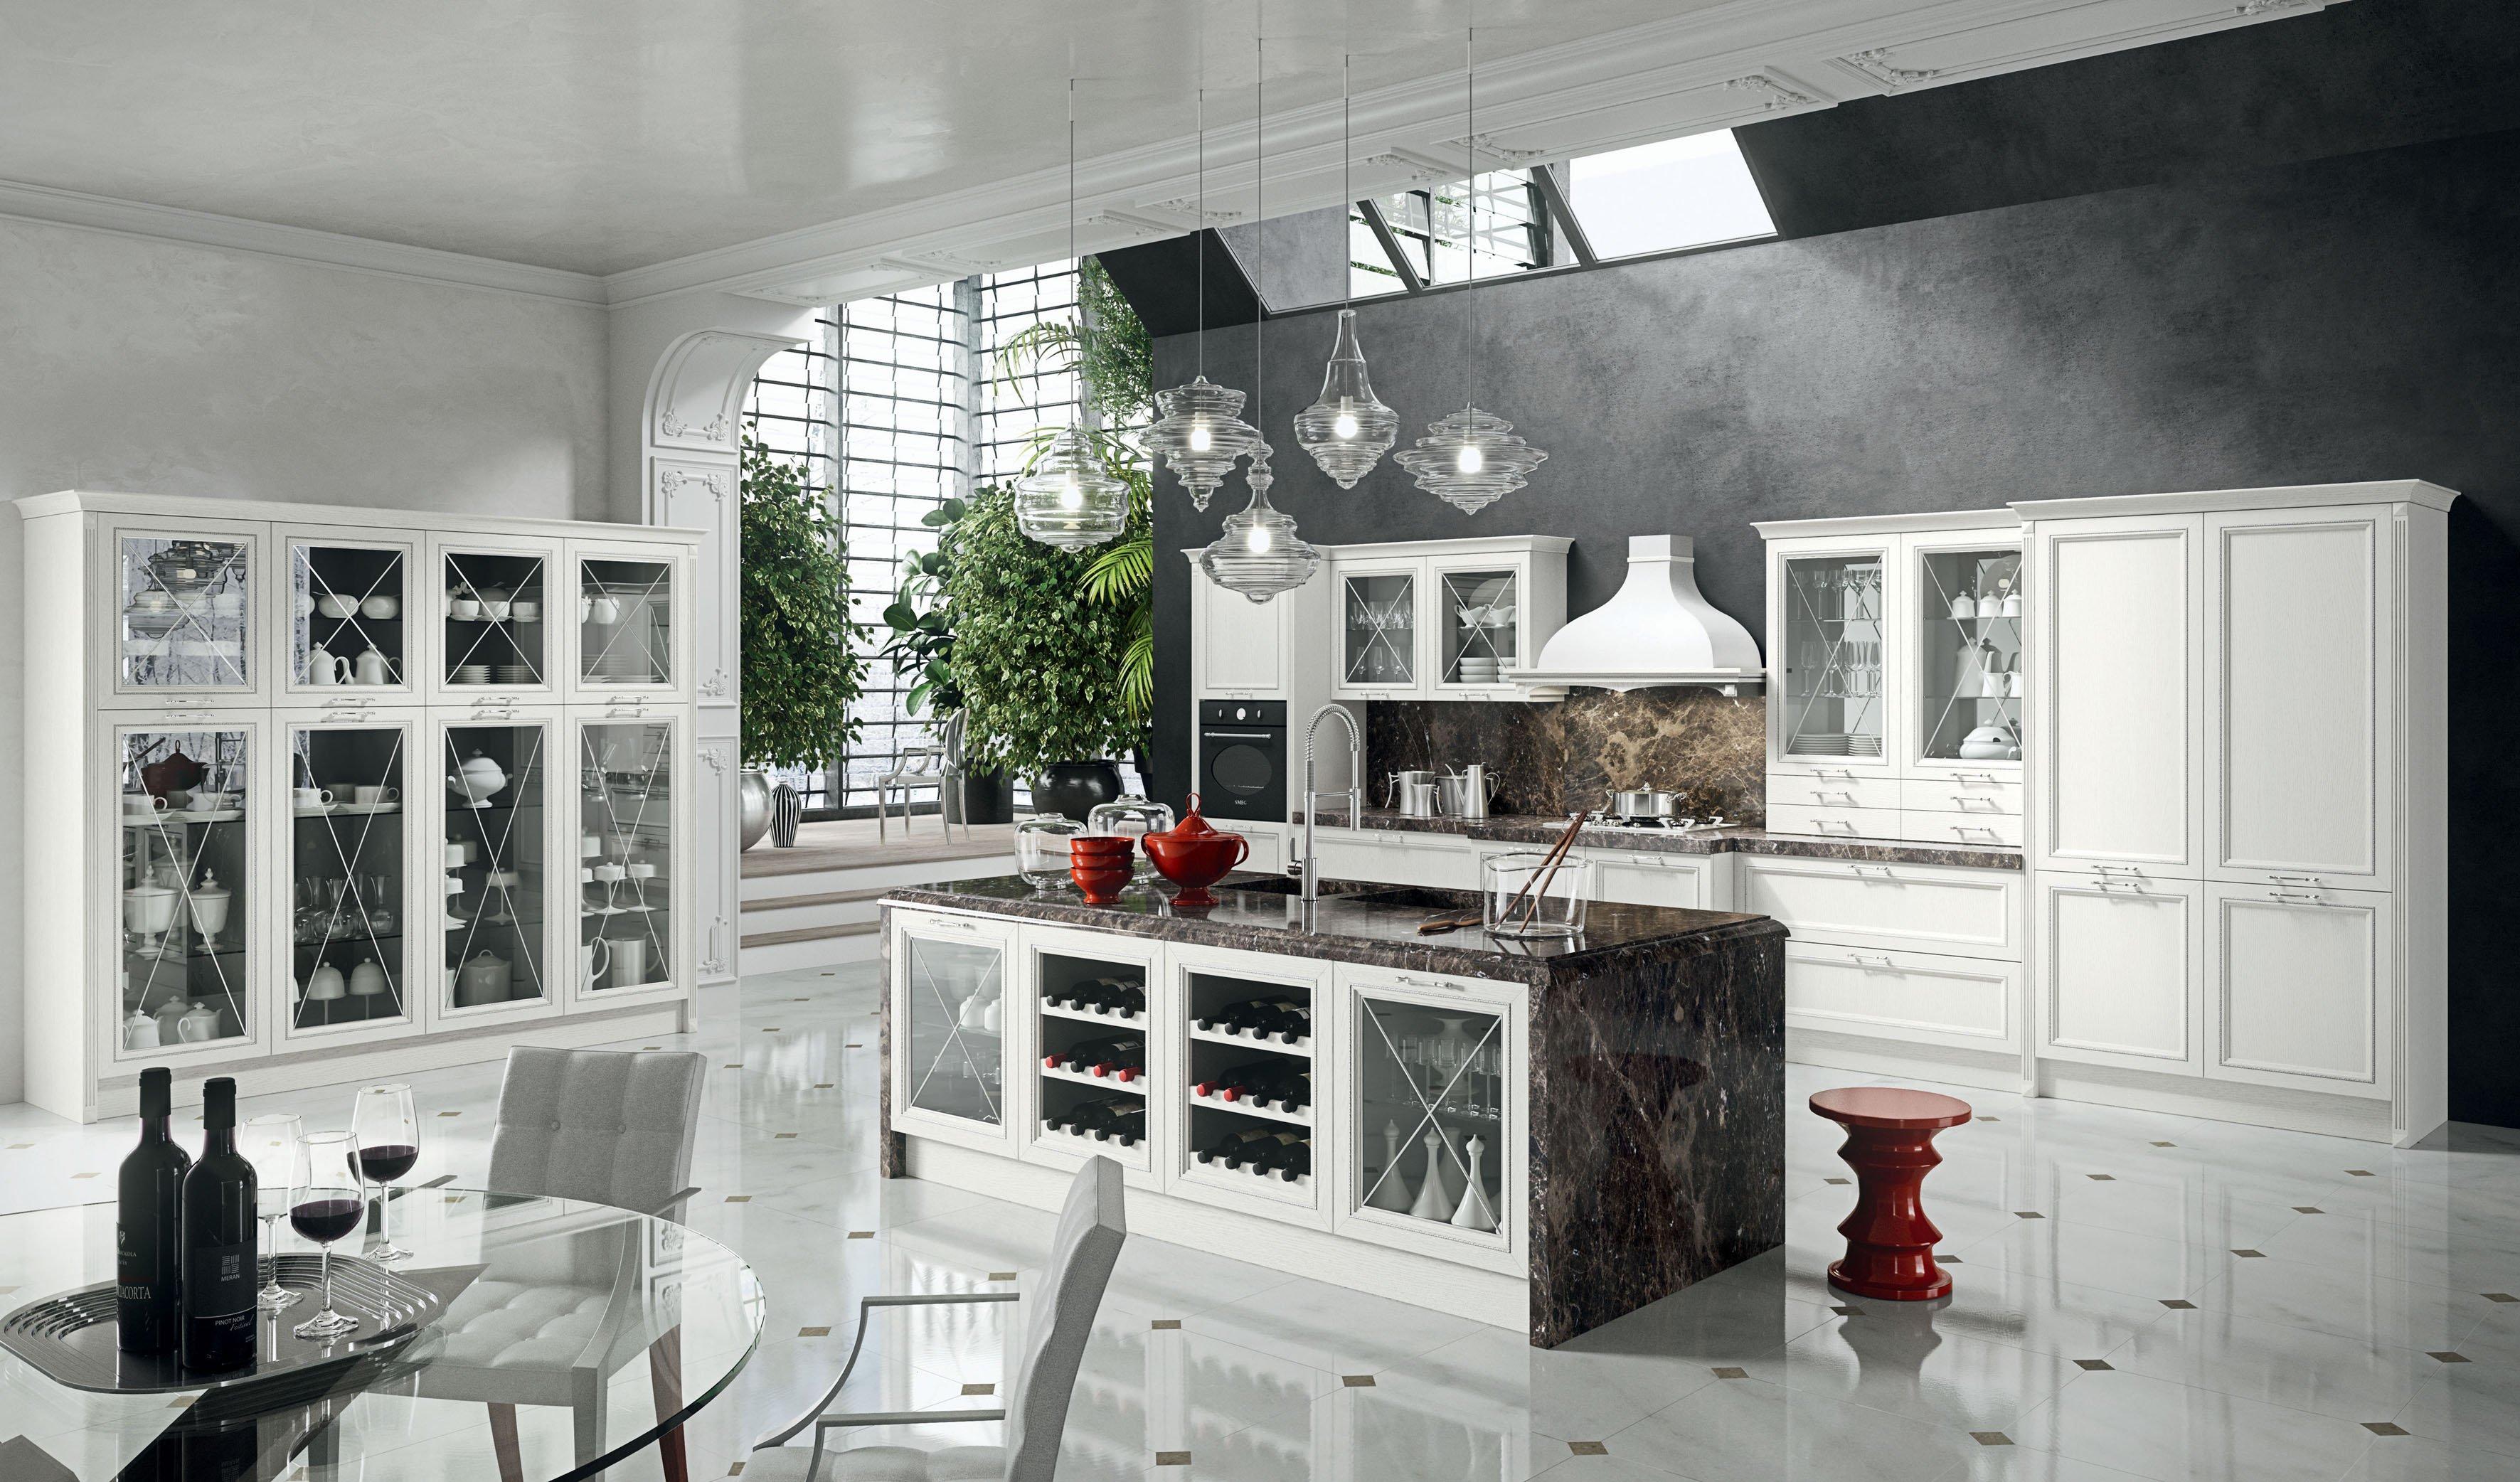 Cucine vani a vista coi pensili in vetro cose di casa - Aran cucine opinioni ...